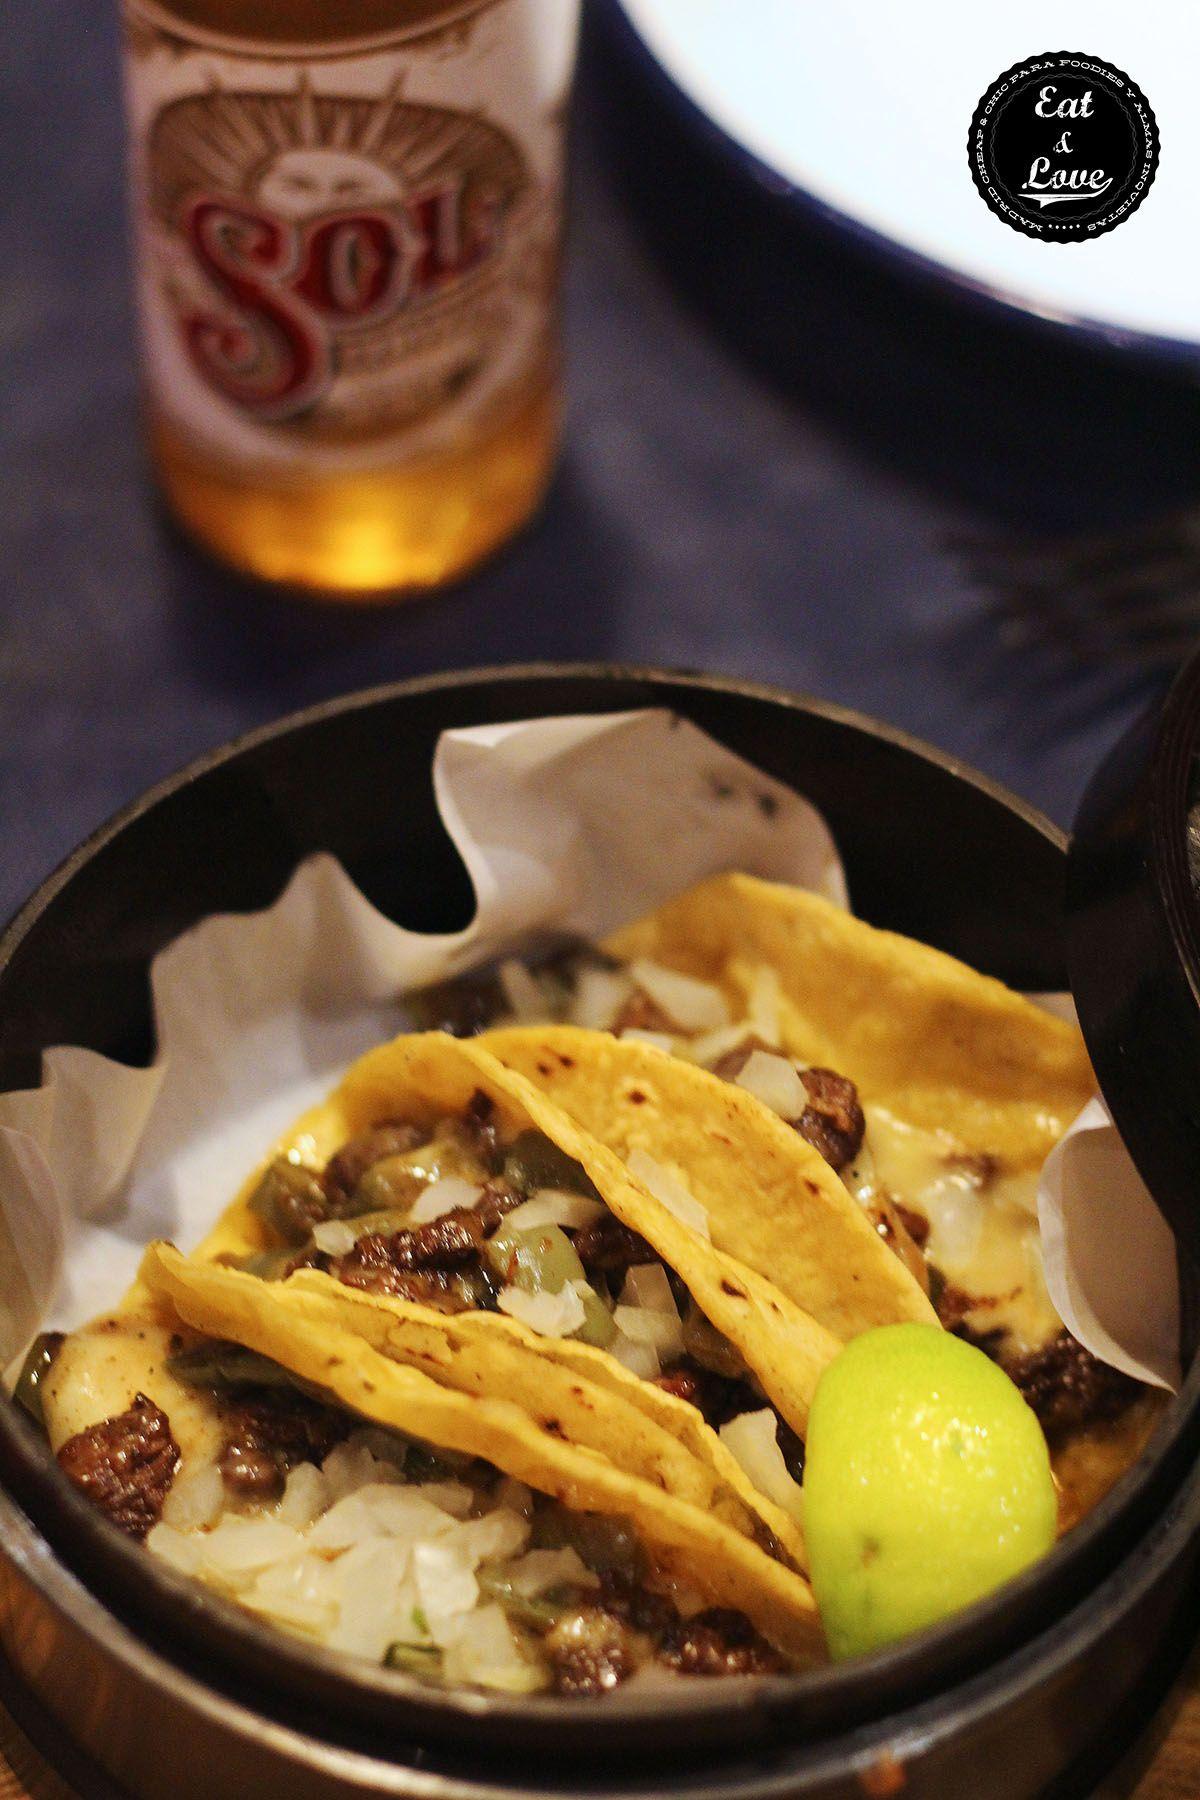 Tacos de nopales a la plancha con queso fundido y arrachera de ternera - La Chelinda